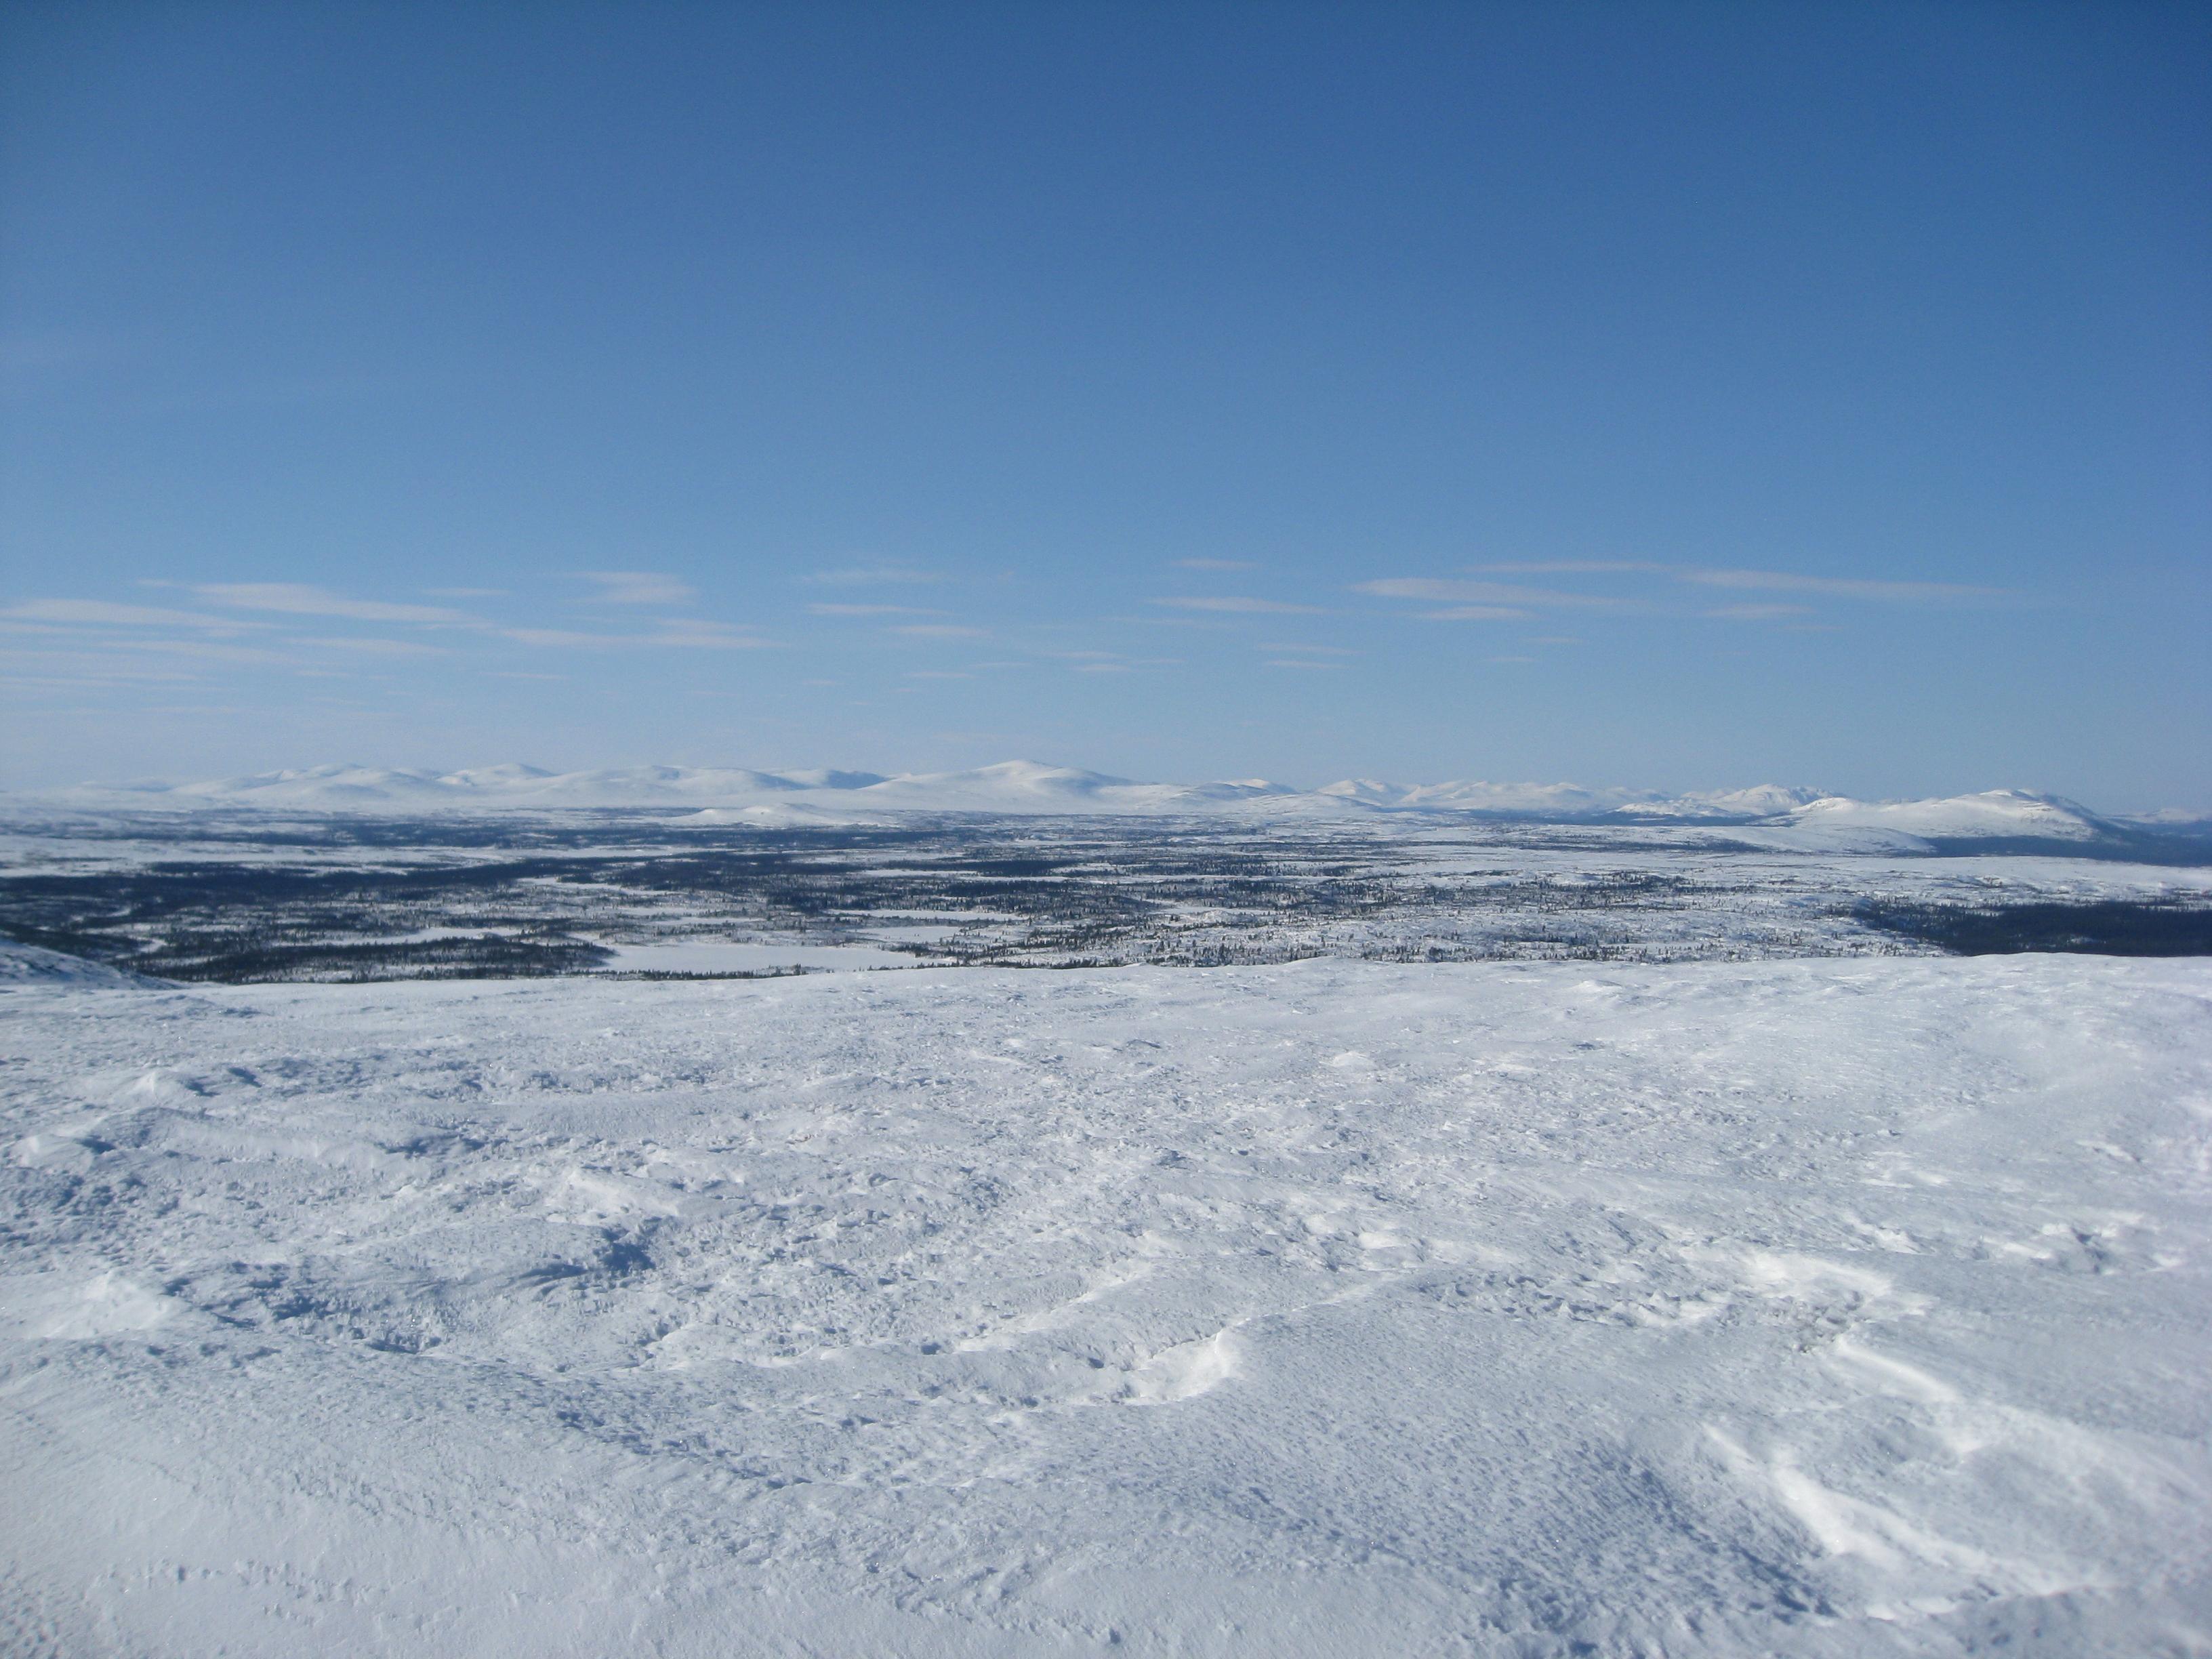 Utsikt från Västerfjället